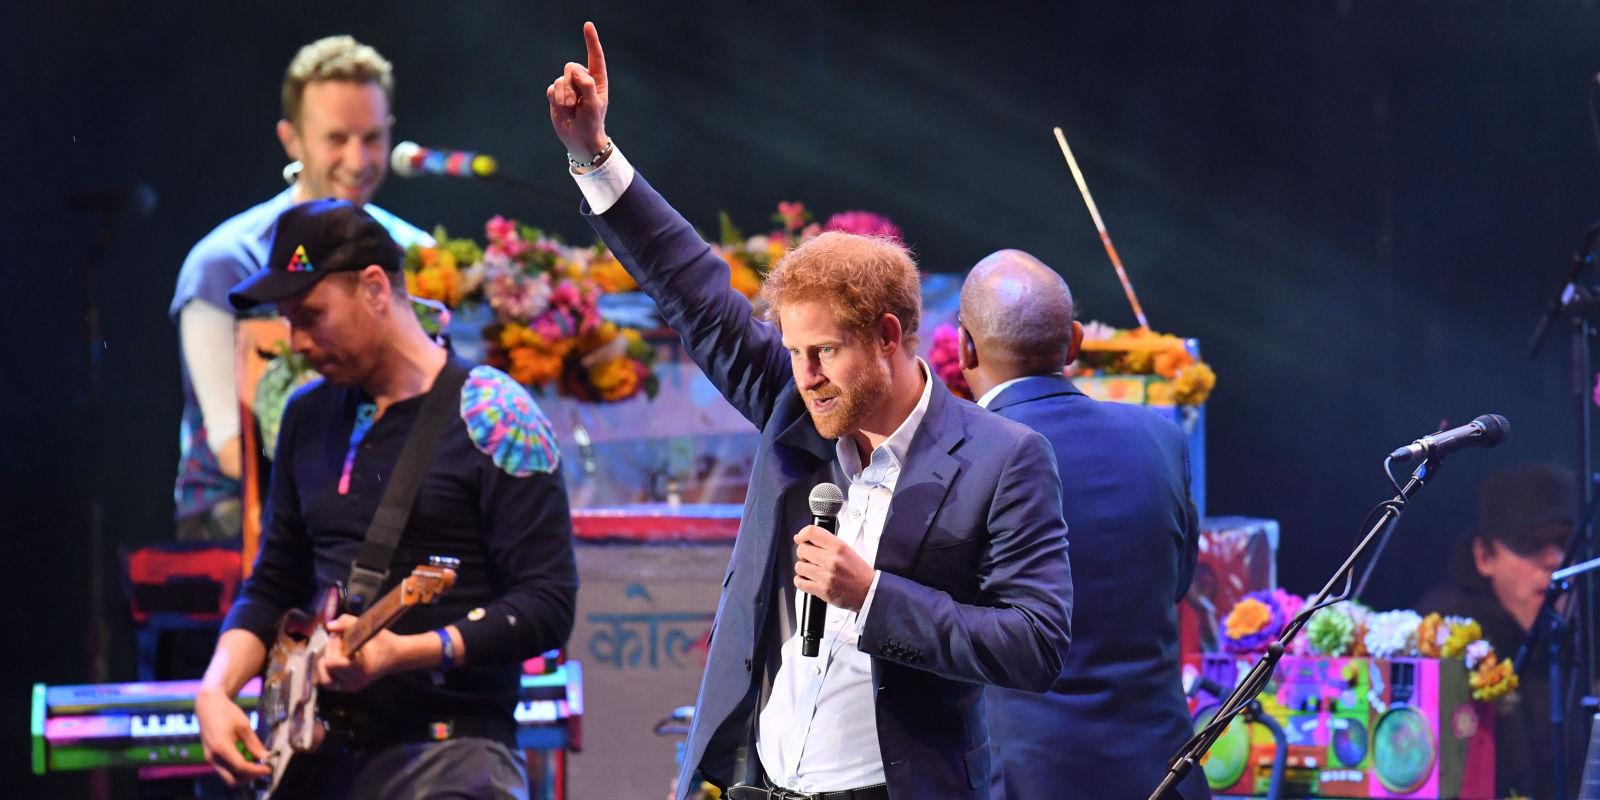 İngilizlerin Büyük Bir Kısmı, 'Gay Kraliyet Düğünü'ne Karşı Değil